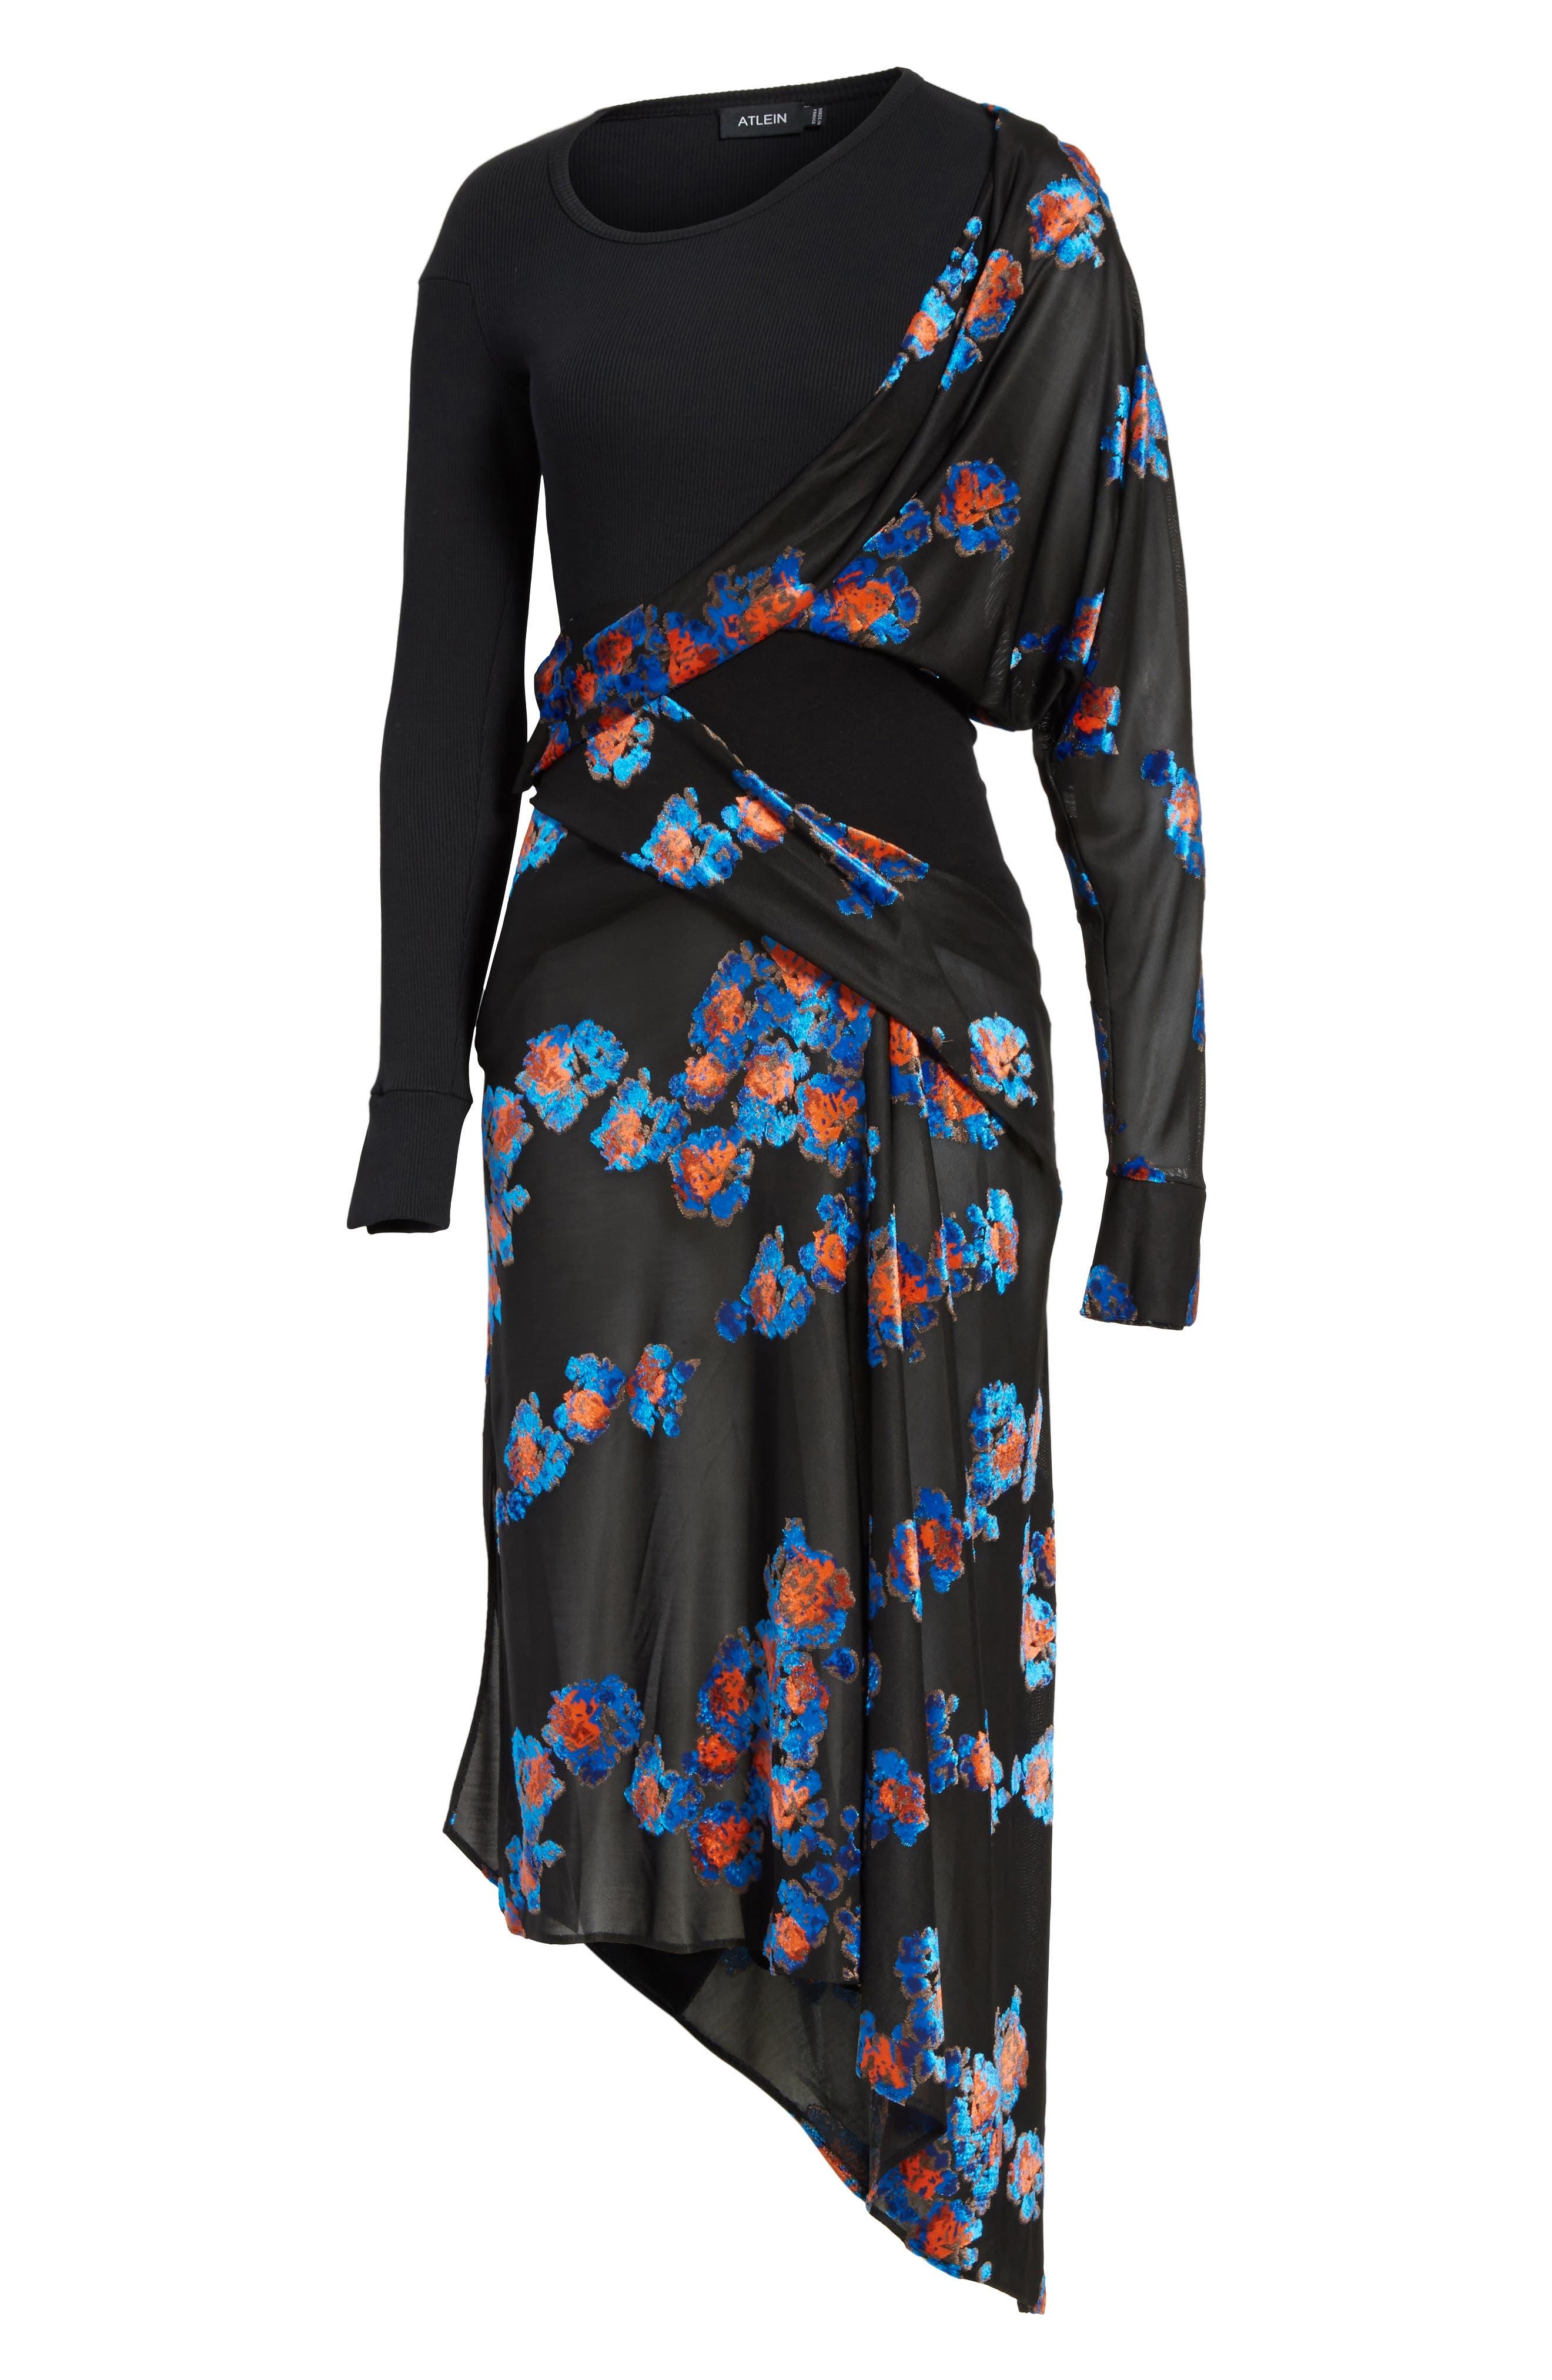 Jersey Jacquard Draped Maxi Dress,                             Alternate thumbnail 8, color,                             Black/ Black